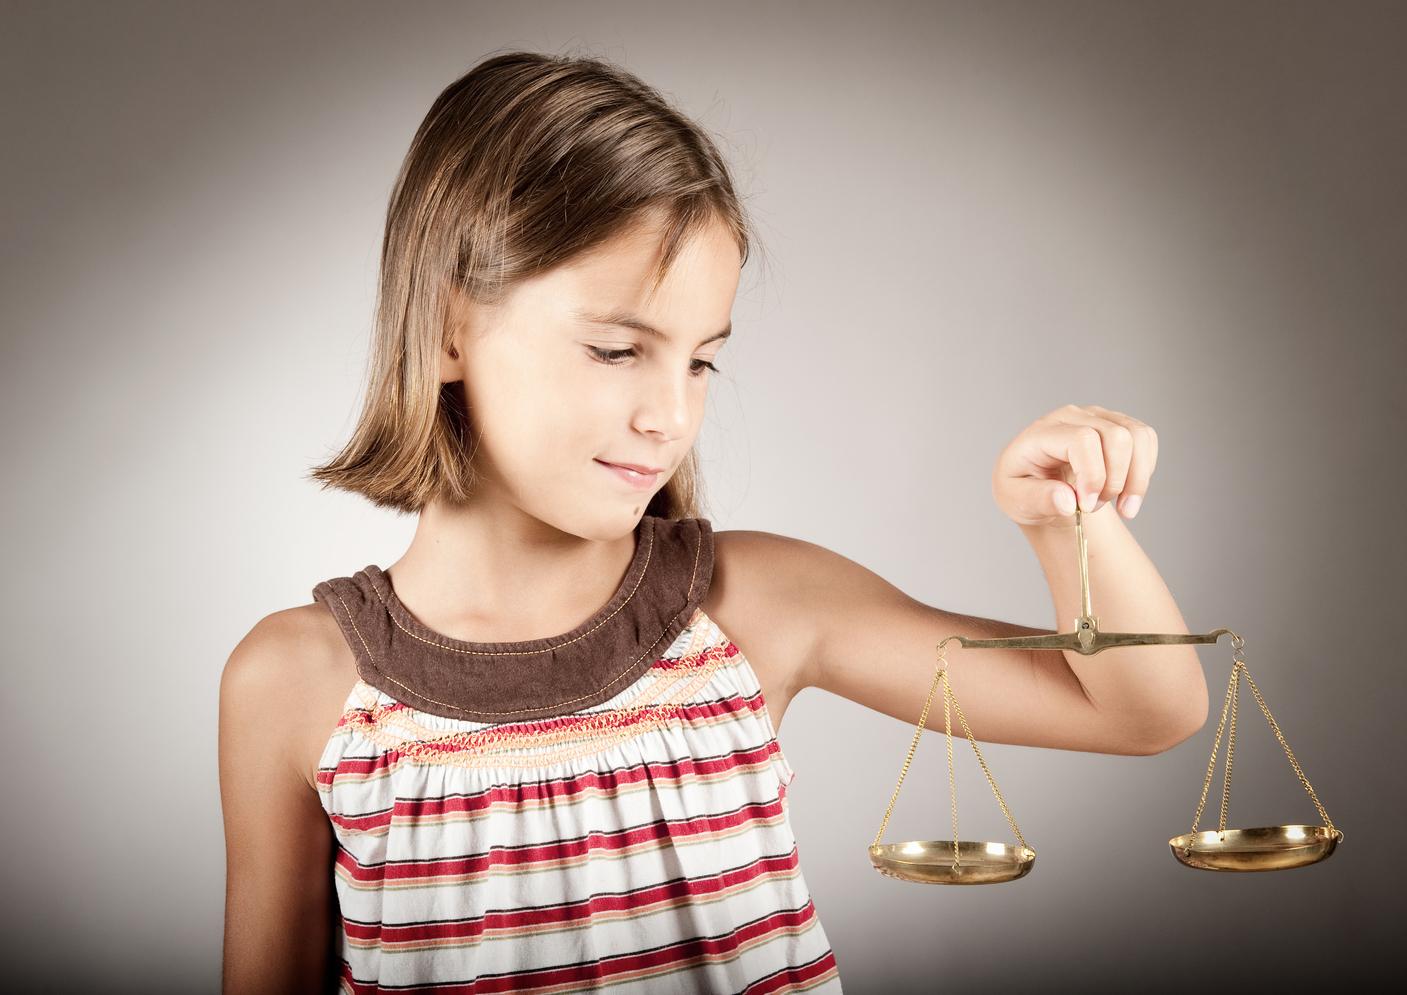 Как оформить развод, если есть несовершеннолетний ребенок?